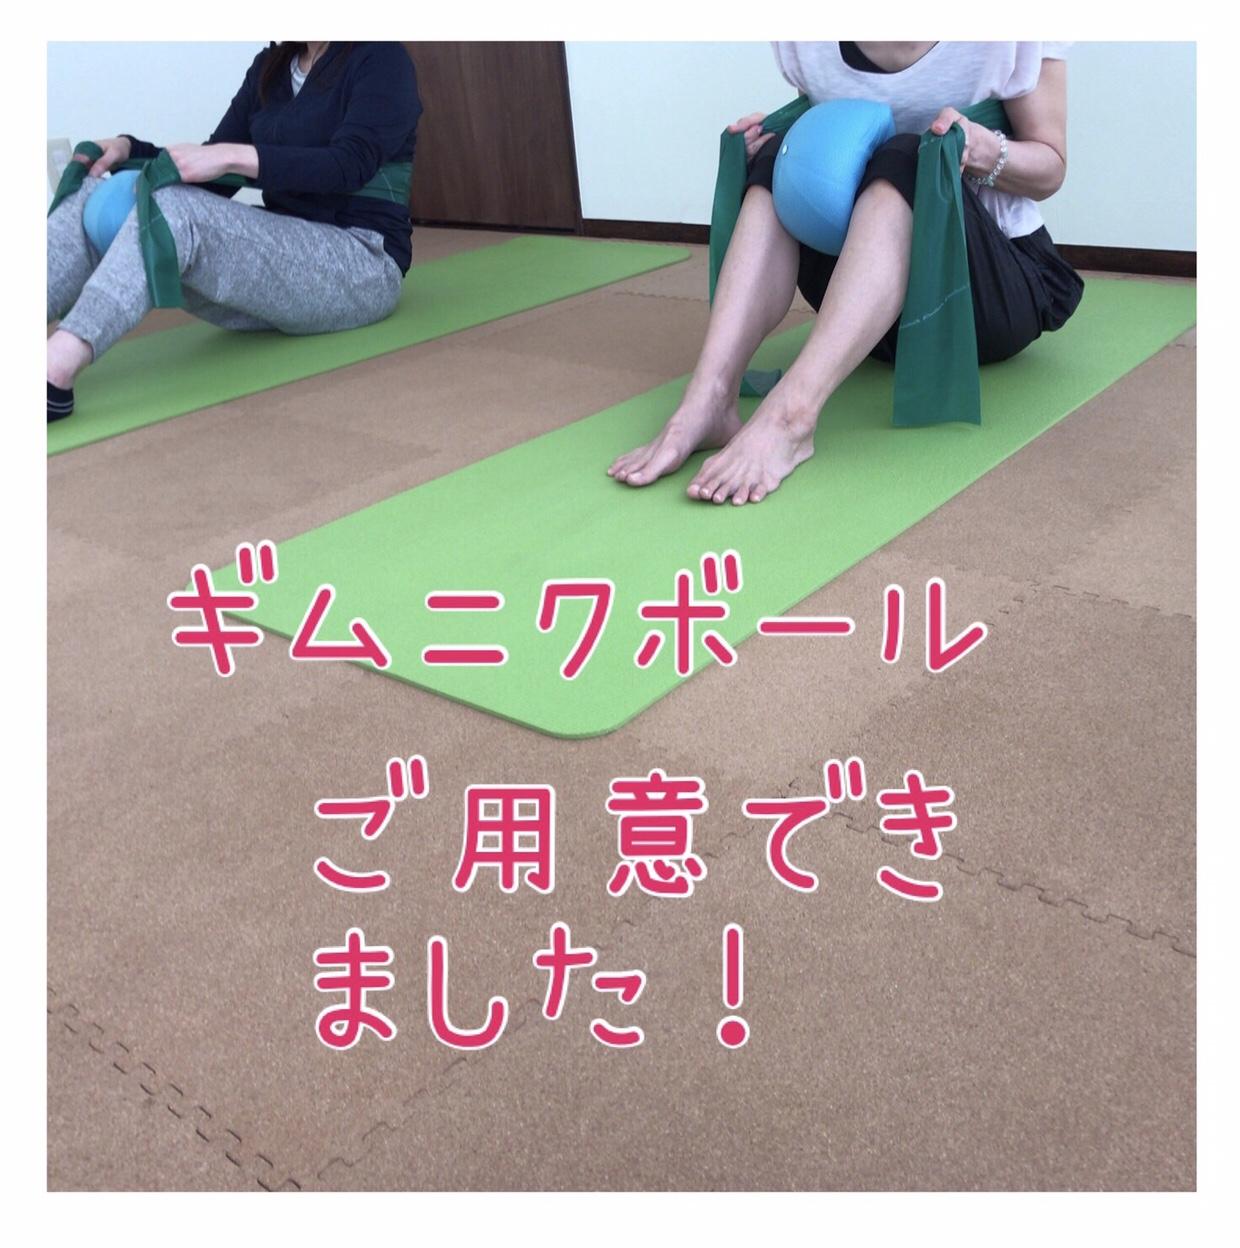 【札幌円山ヨガスタジオアウラ】ギムニクボール販売します